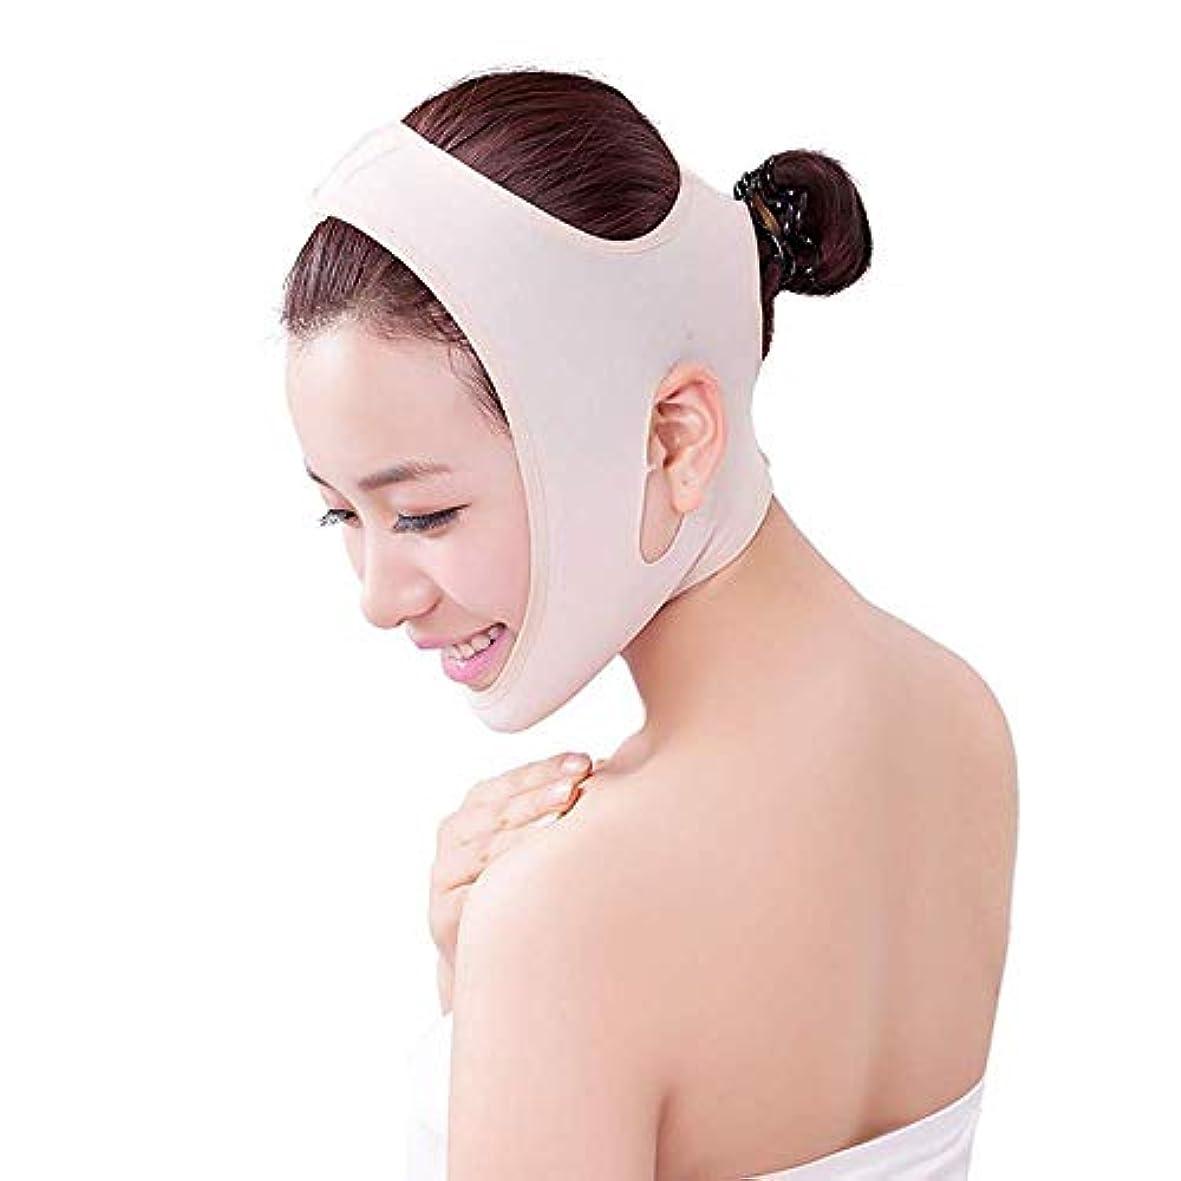 汚れた麦芽認証Thin Face Belt - 男性用および女性用の包帯をフレンチフェイシャルリフティングマスクに固定するフェースリフティングベルト(サイズ:XS)